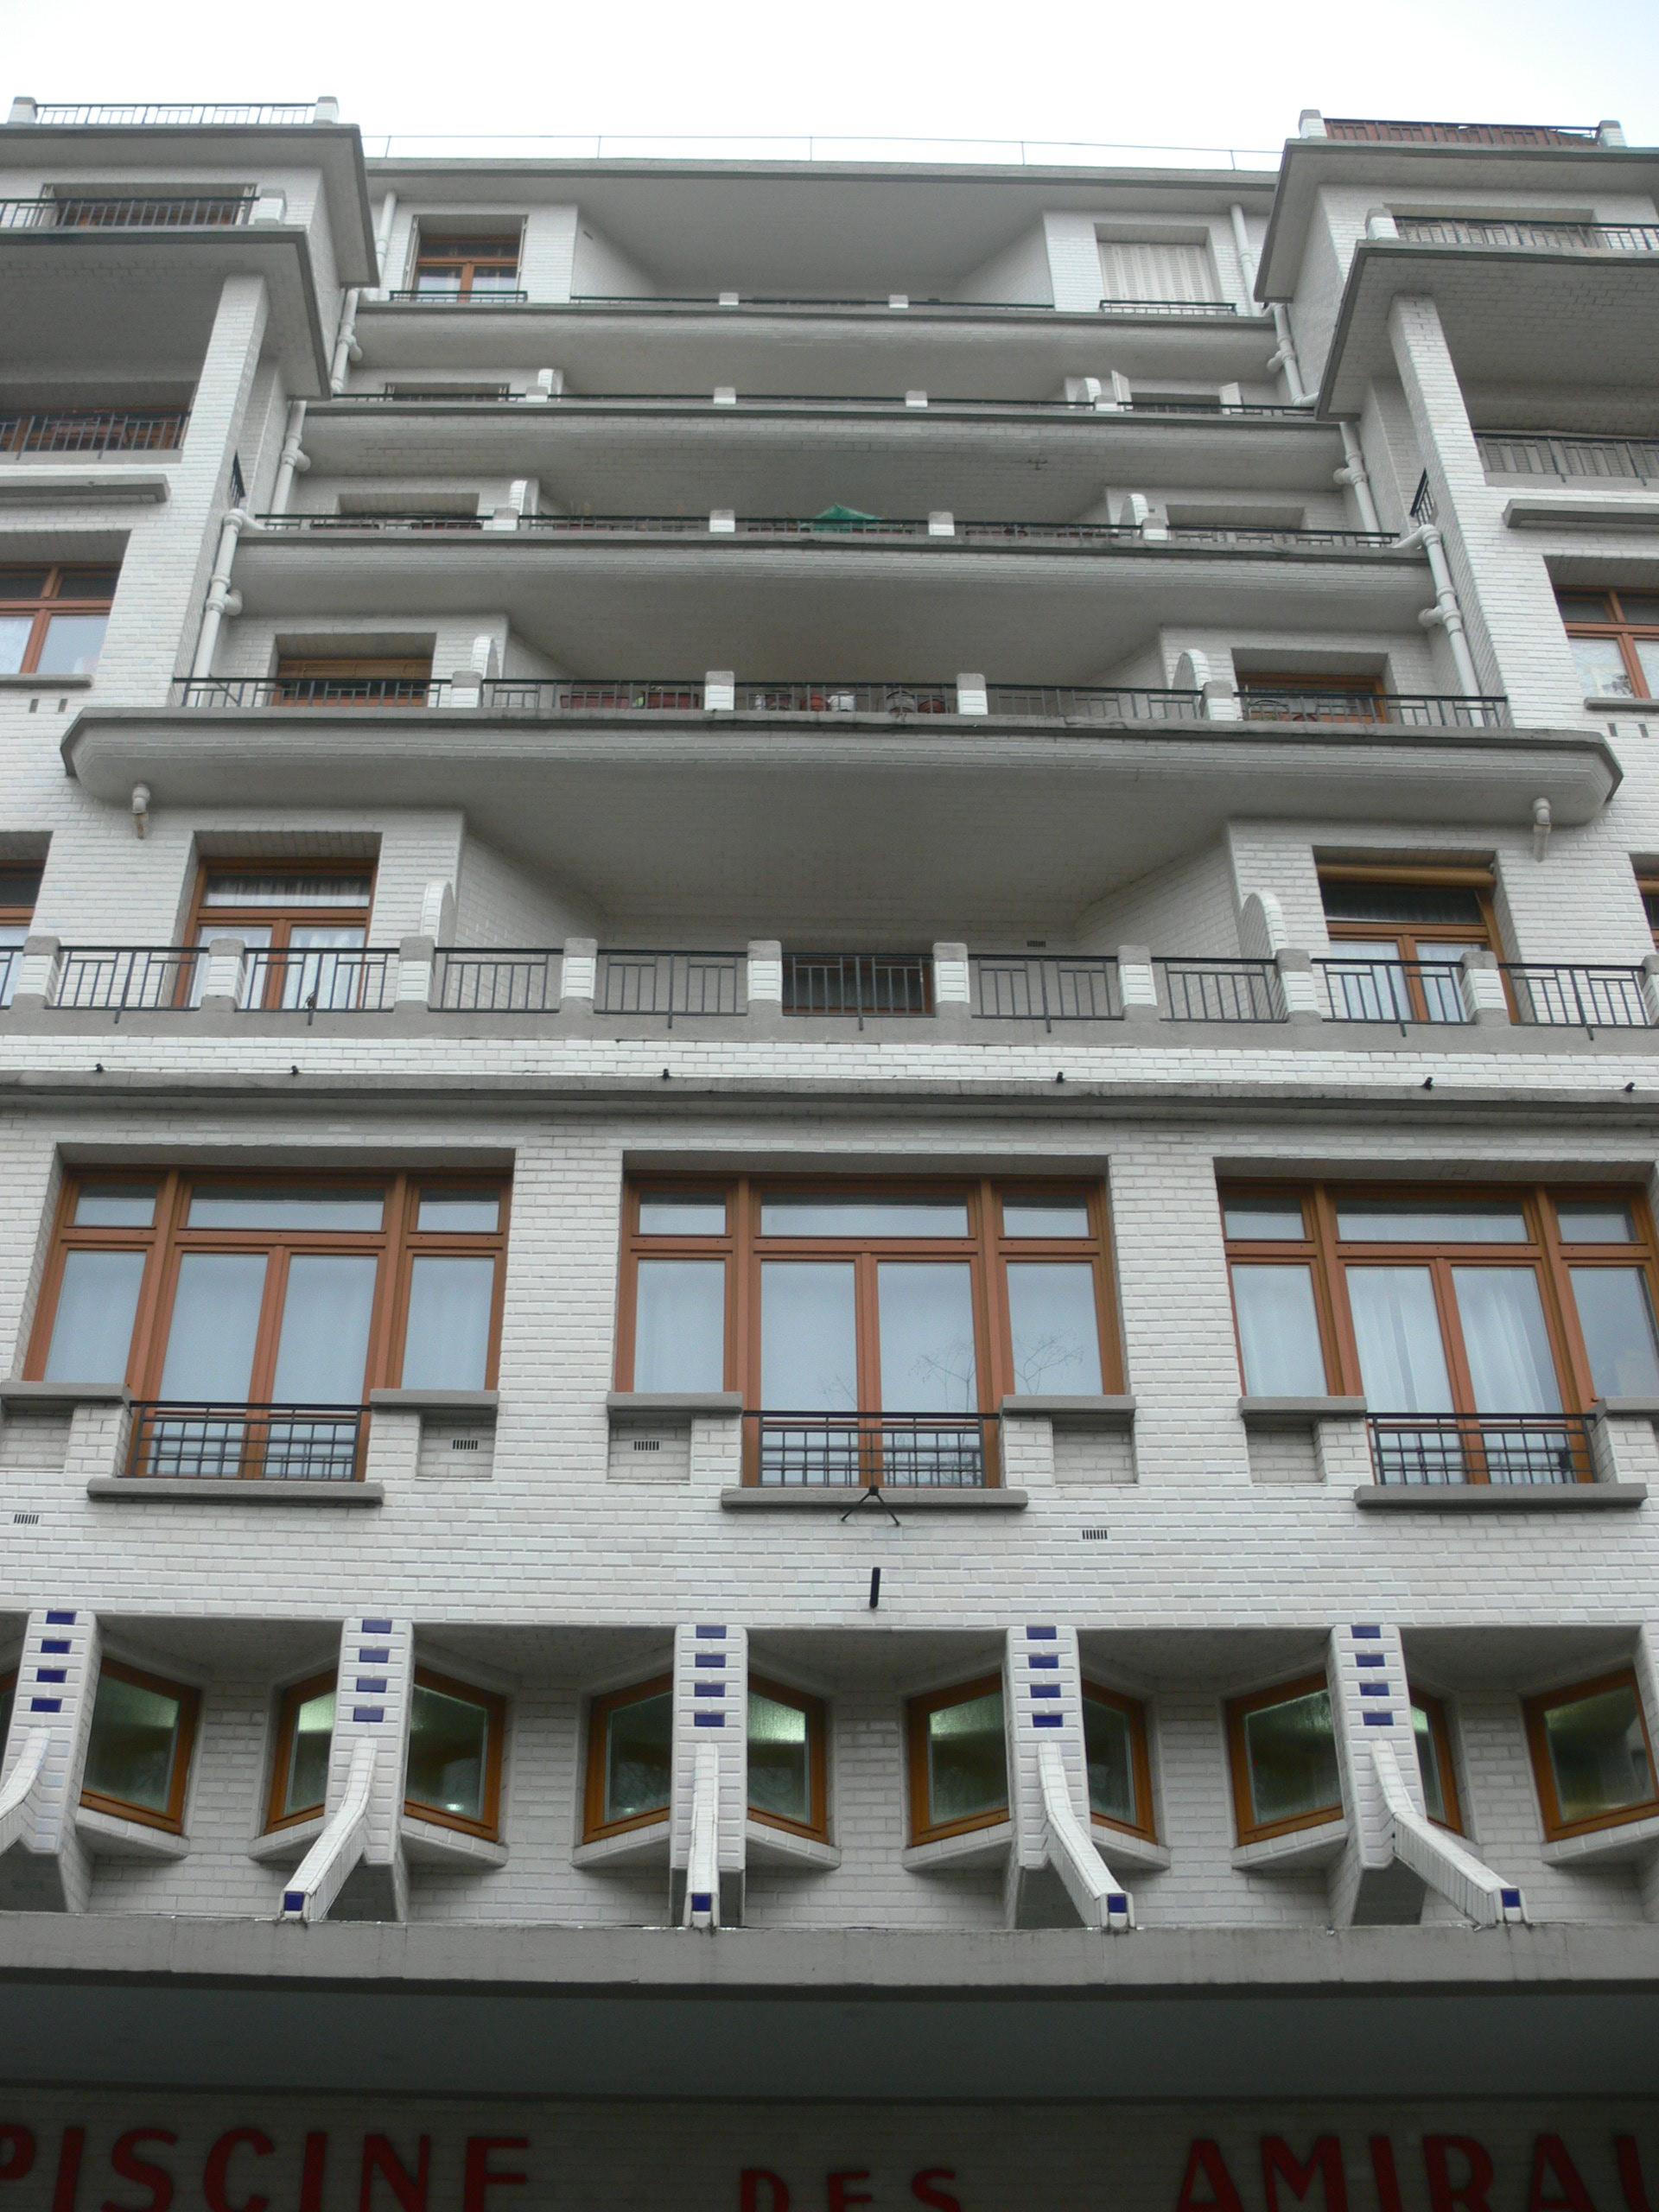 File Immeuble Sauvage Piscine Des Amiraux Balconies Rue Hermann